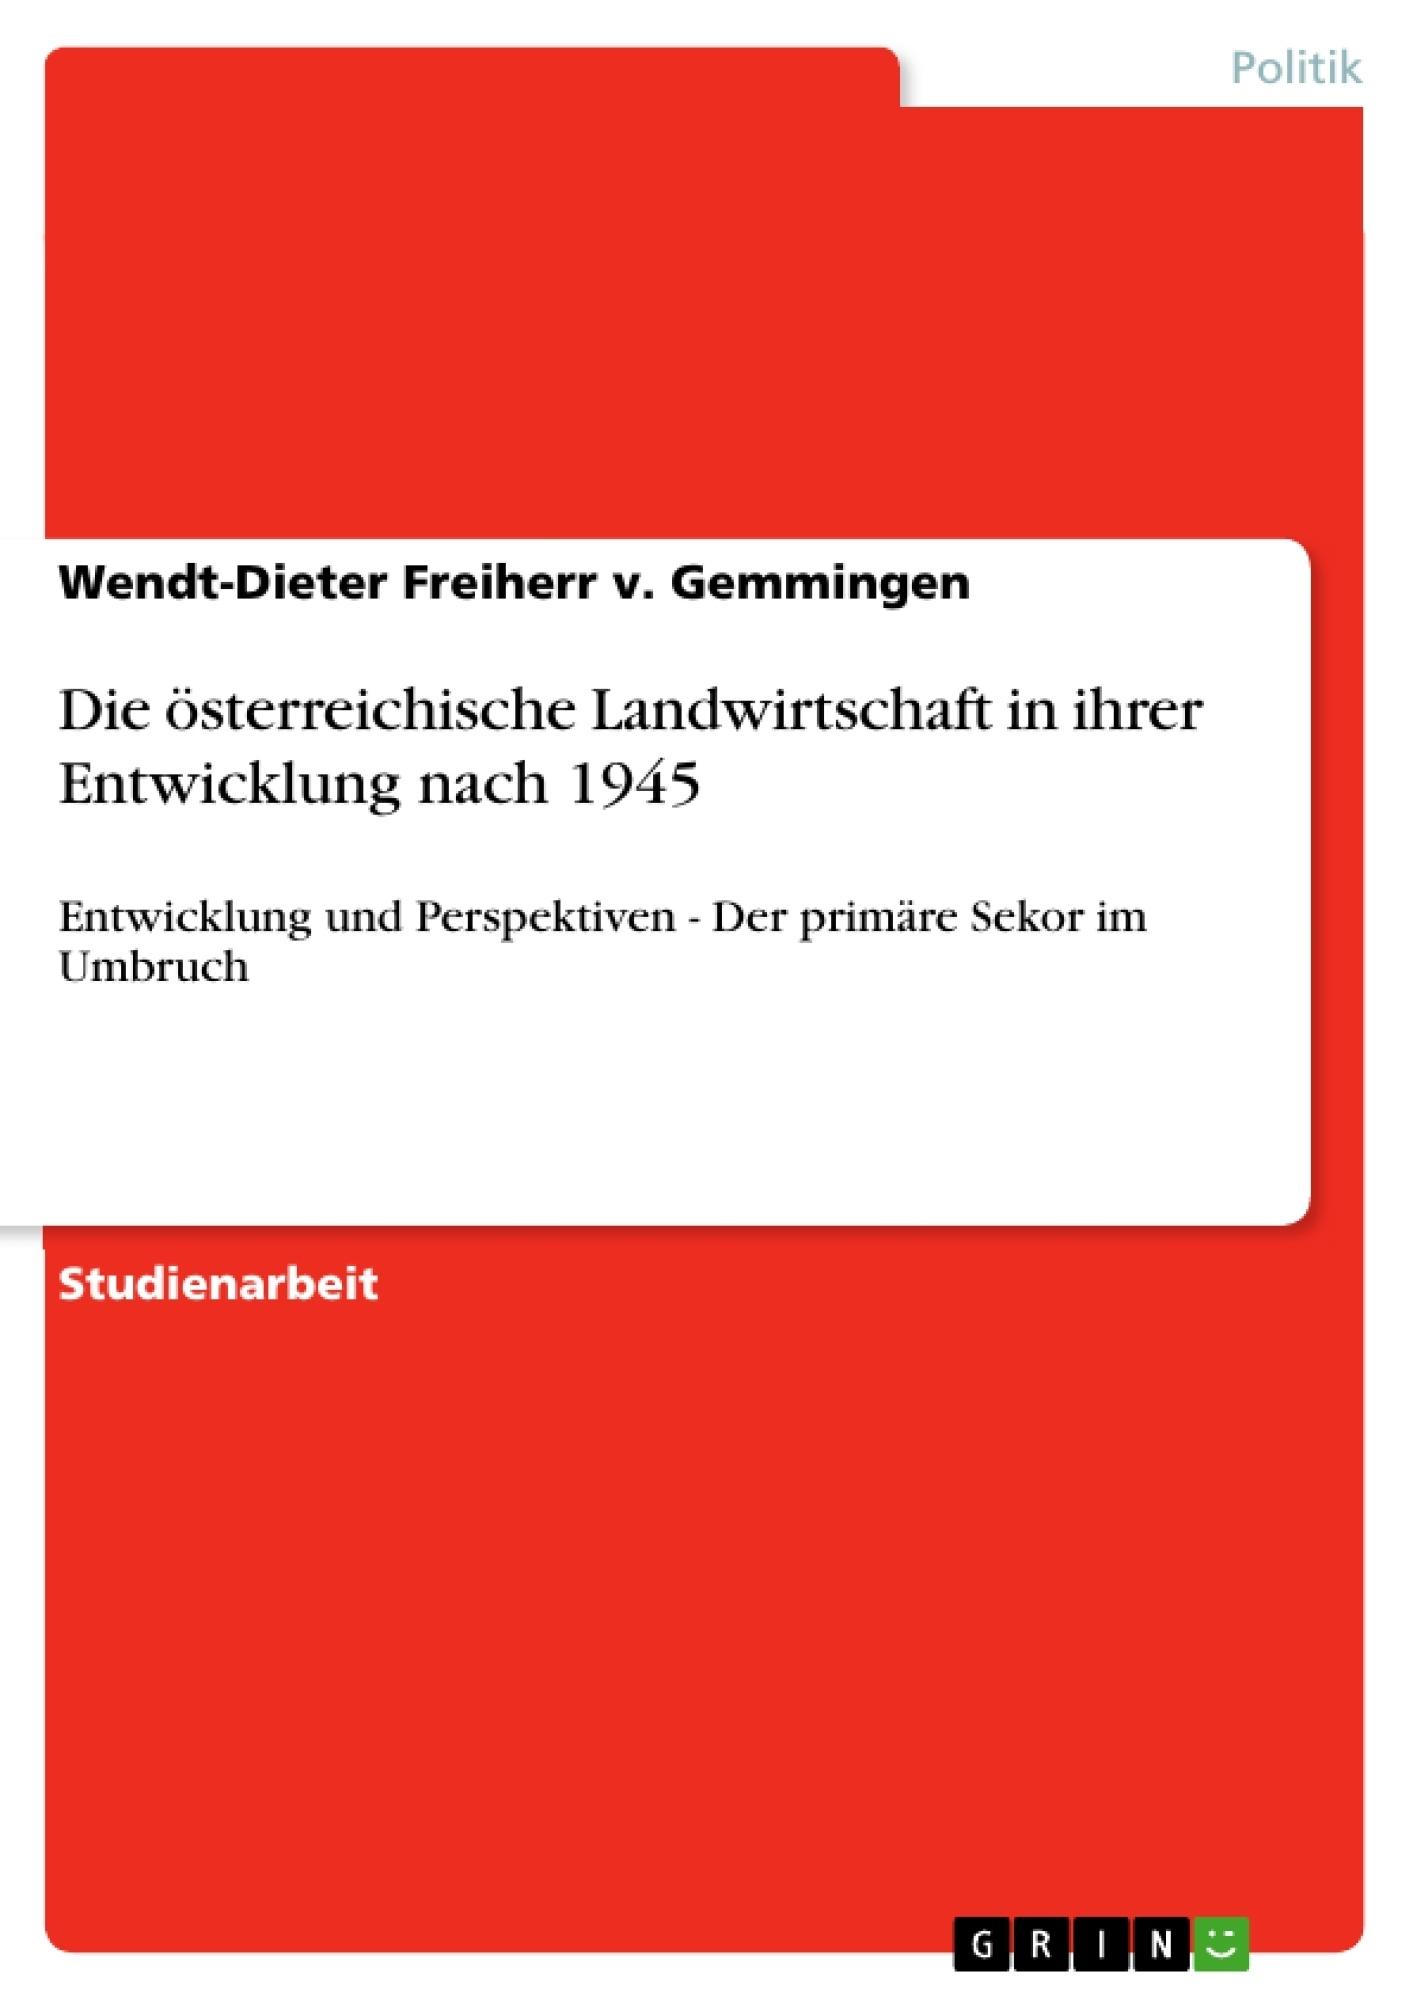 Titel: Die österreichische Landwirtschaft in ihrer Entwicklung nach 1945